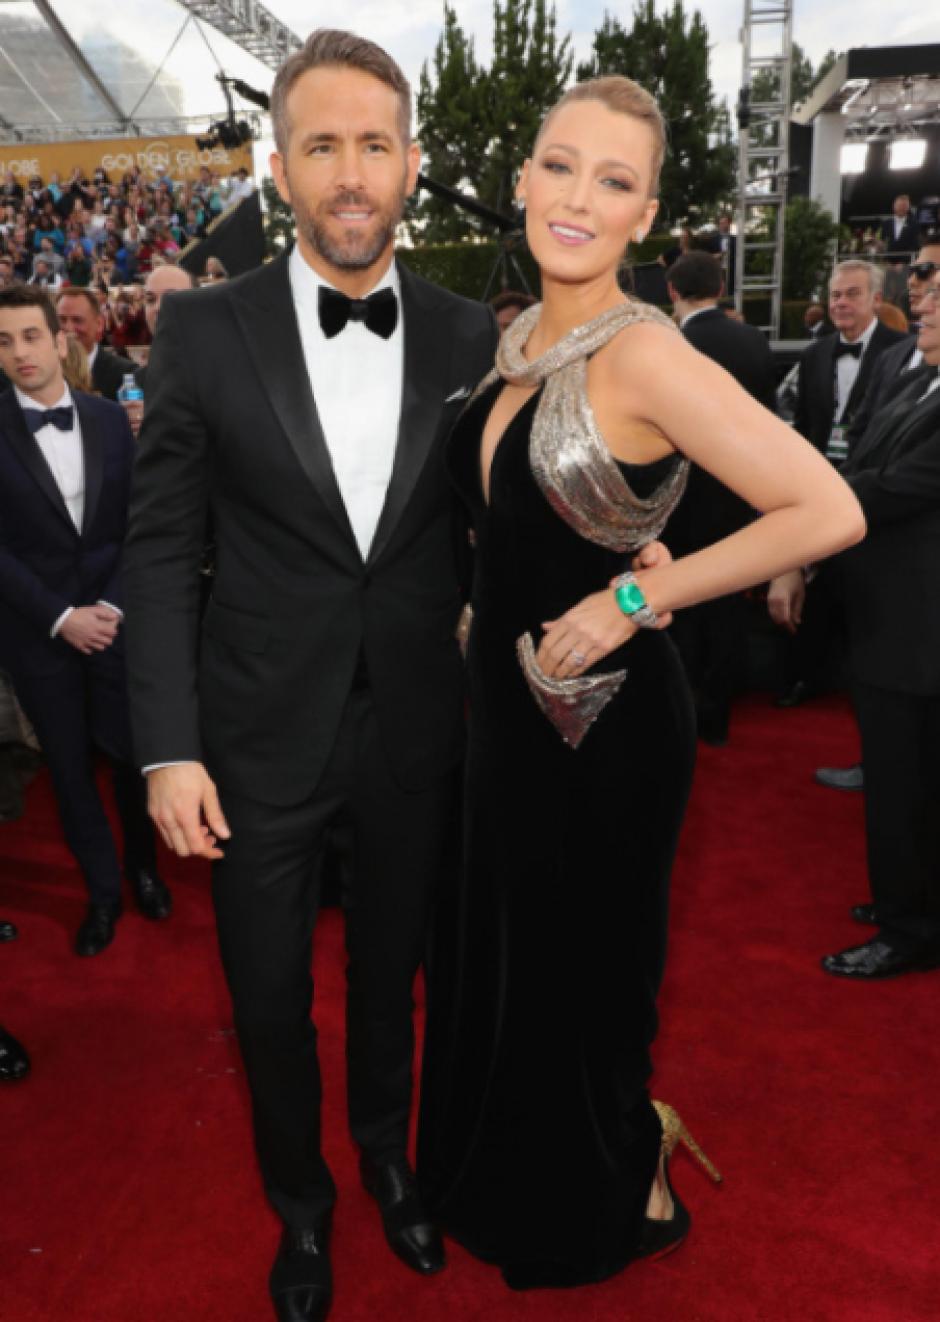 Blake Lively y Ryan Reynolds, quienes recientemente se convirtieron en padres, también brillaron en la alfombra. (Foto: Getty Images)